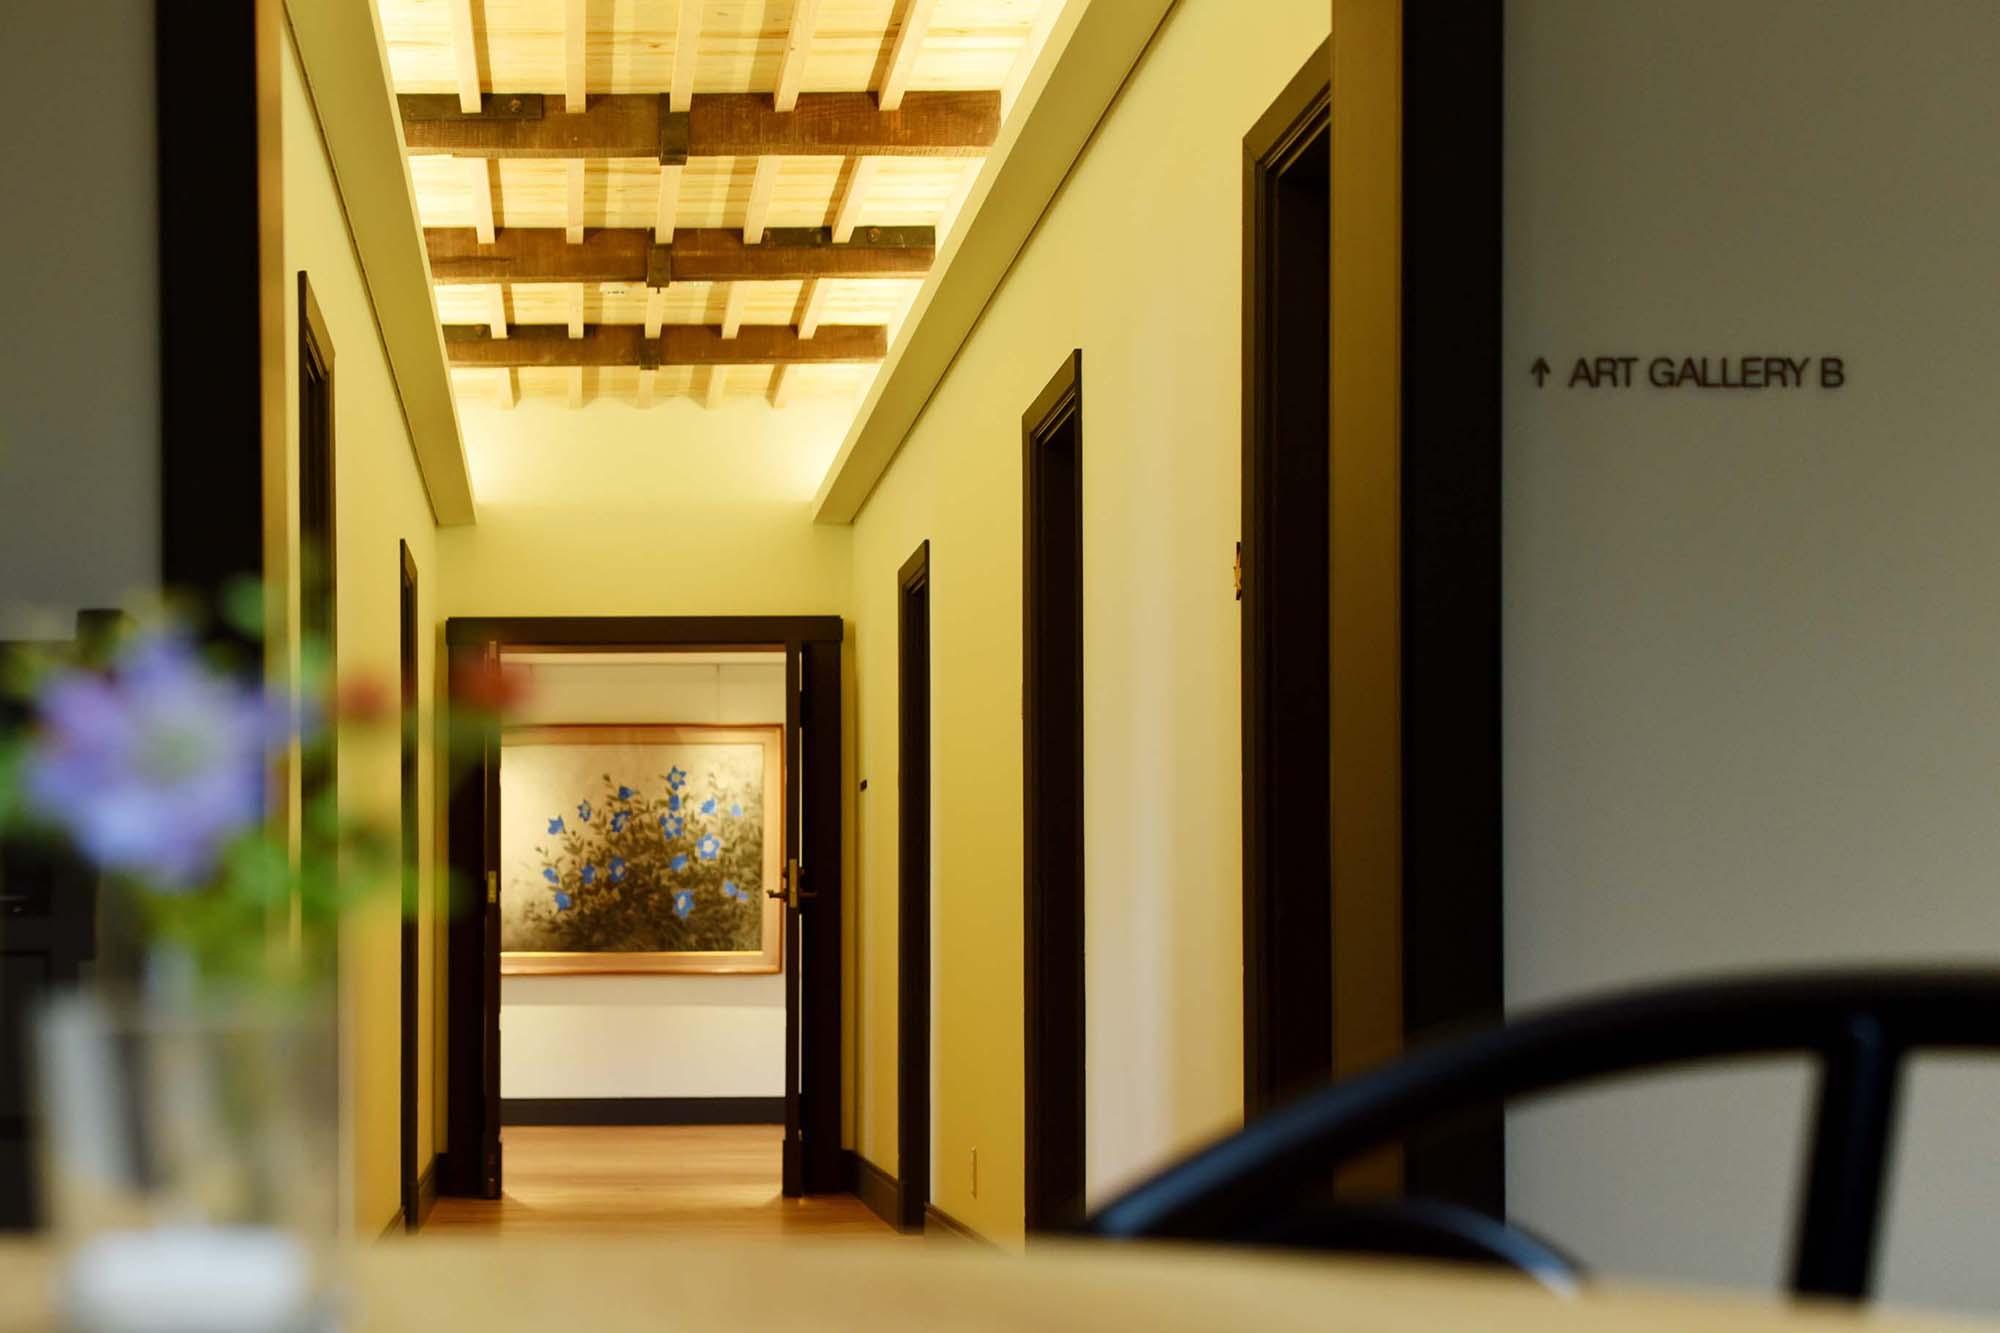 旧館2階はステンドグラスのカフェを中心に、左右にギャラリーエリアと個室エリアを有する。写真奥はギャラリースペース。